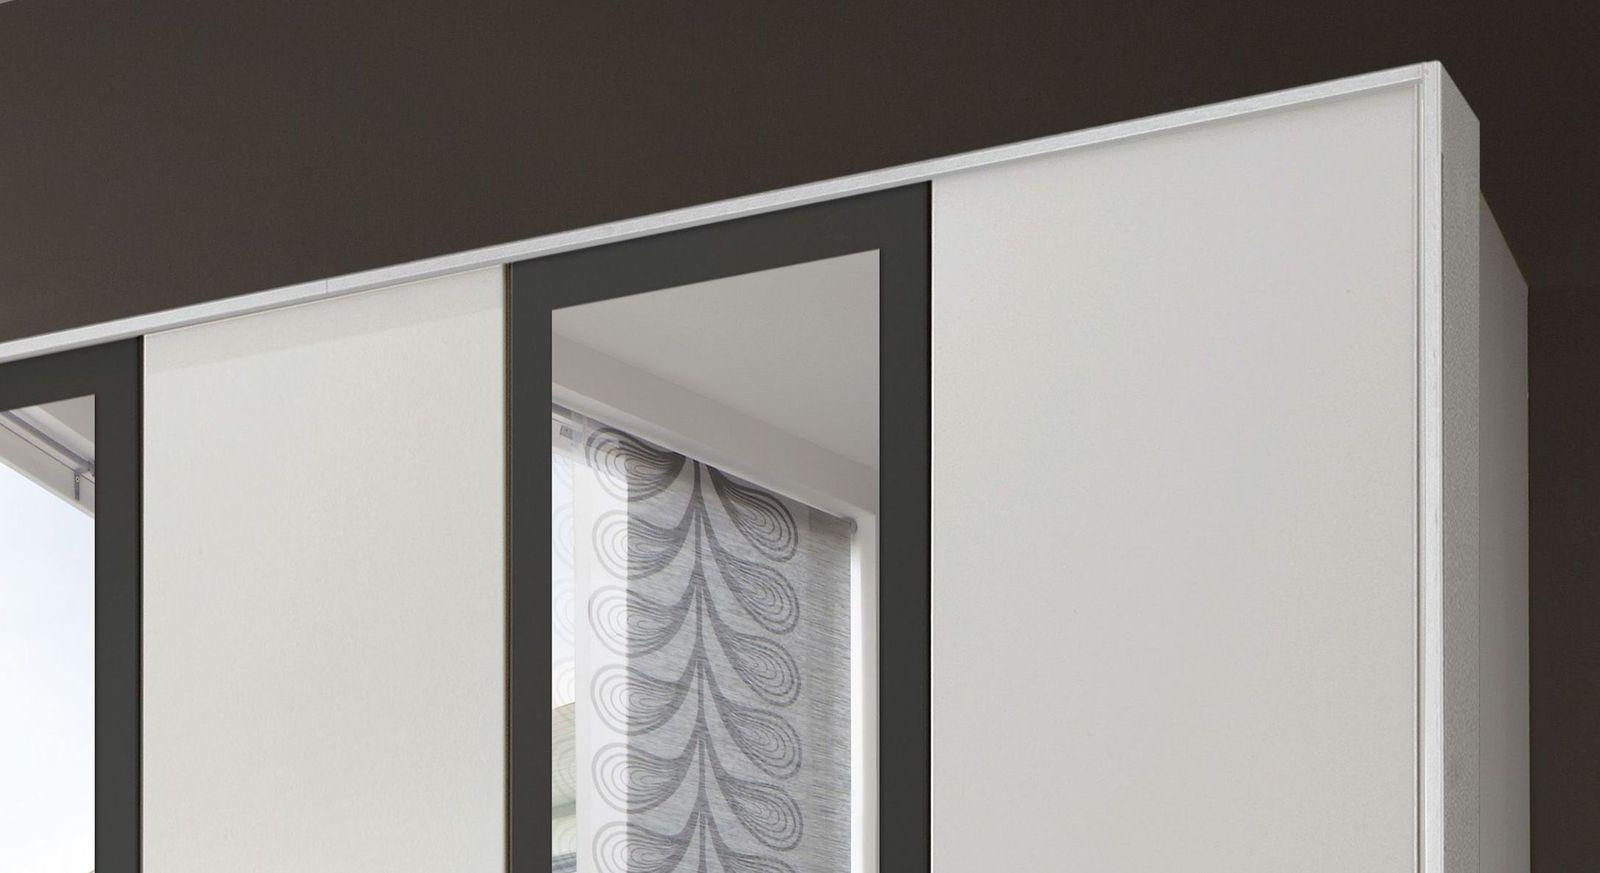 Moderner Funktions-Kleiderschrank Belcastro mit Rahmen